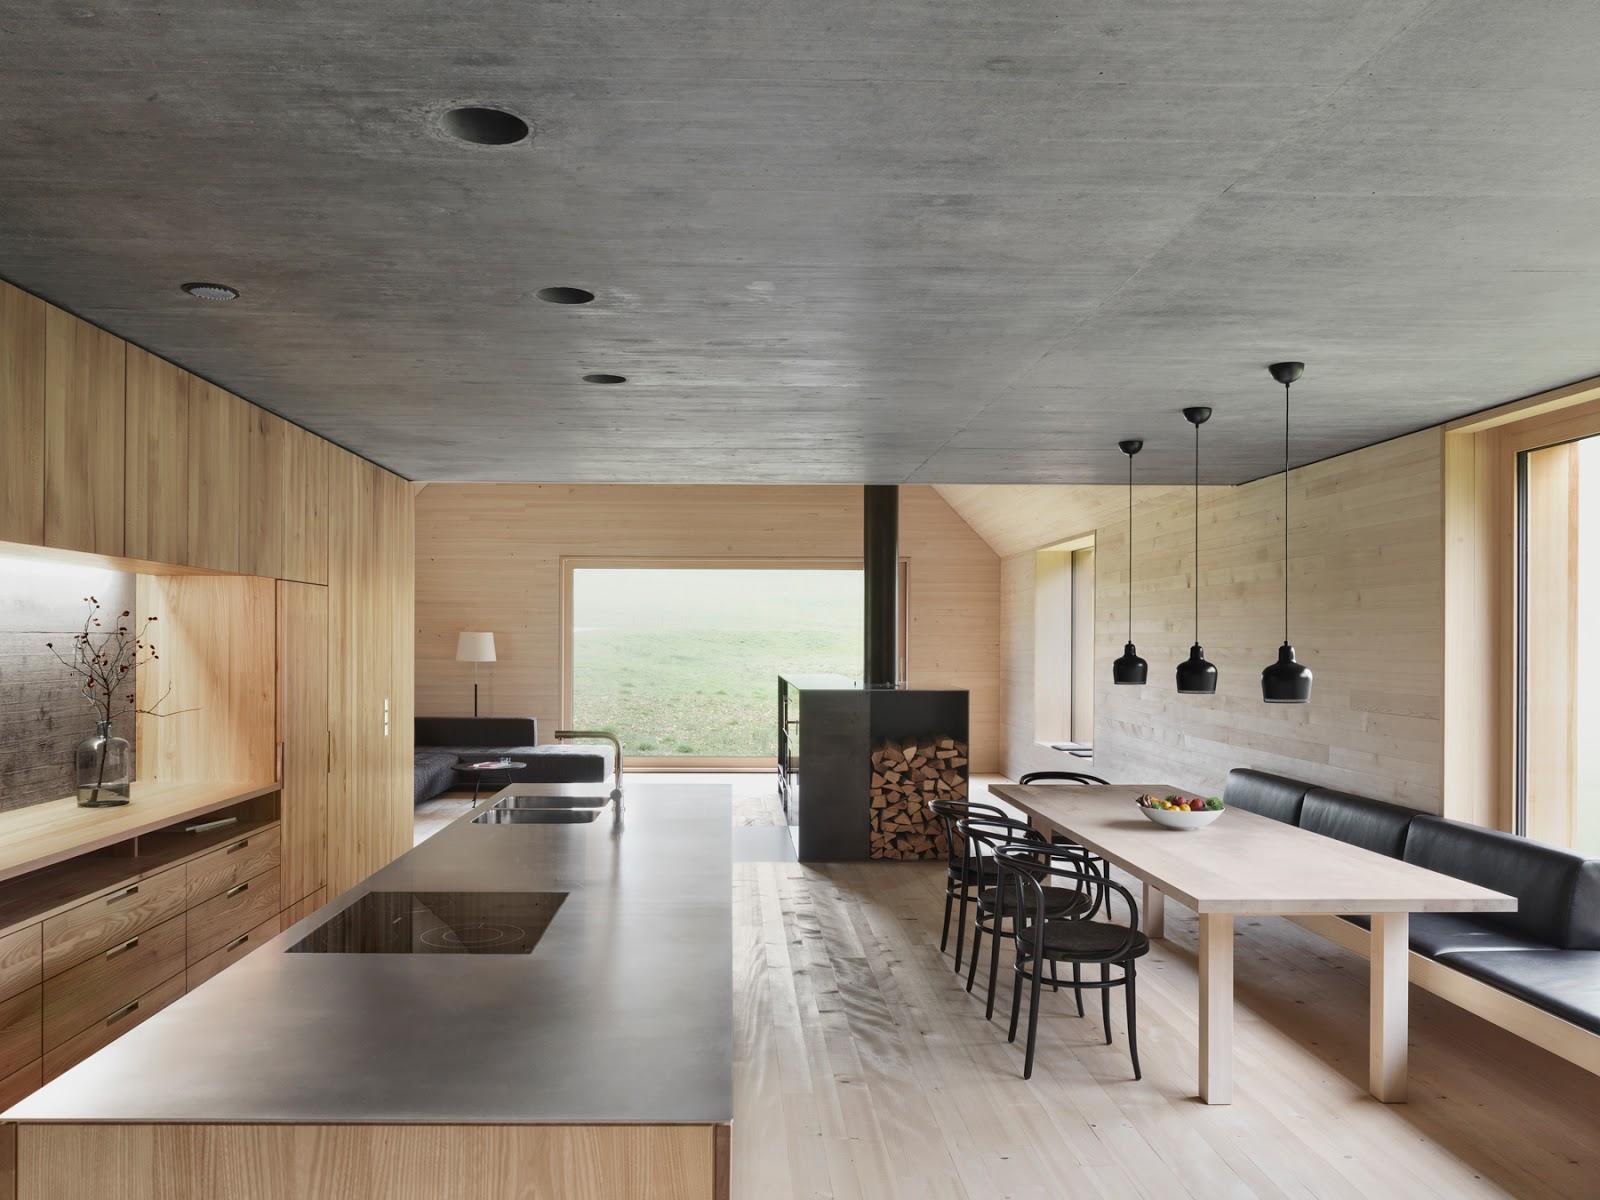 leuchtend grau interior magazin celebrating soft minimalism helles holz k hler beton. Black Bedroom Furniture Sets. Home Design Ideas